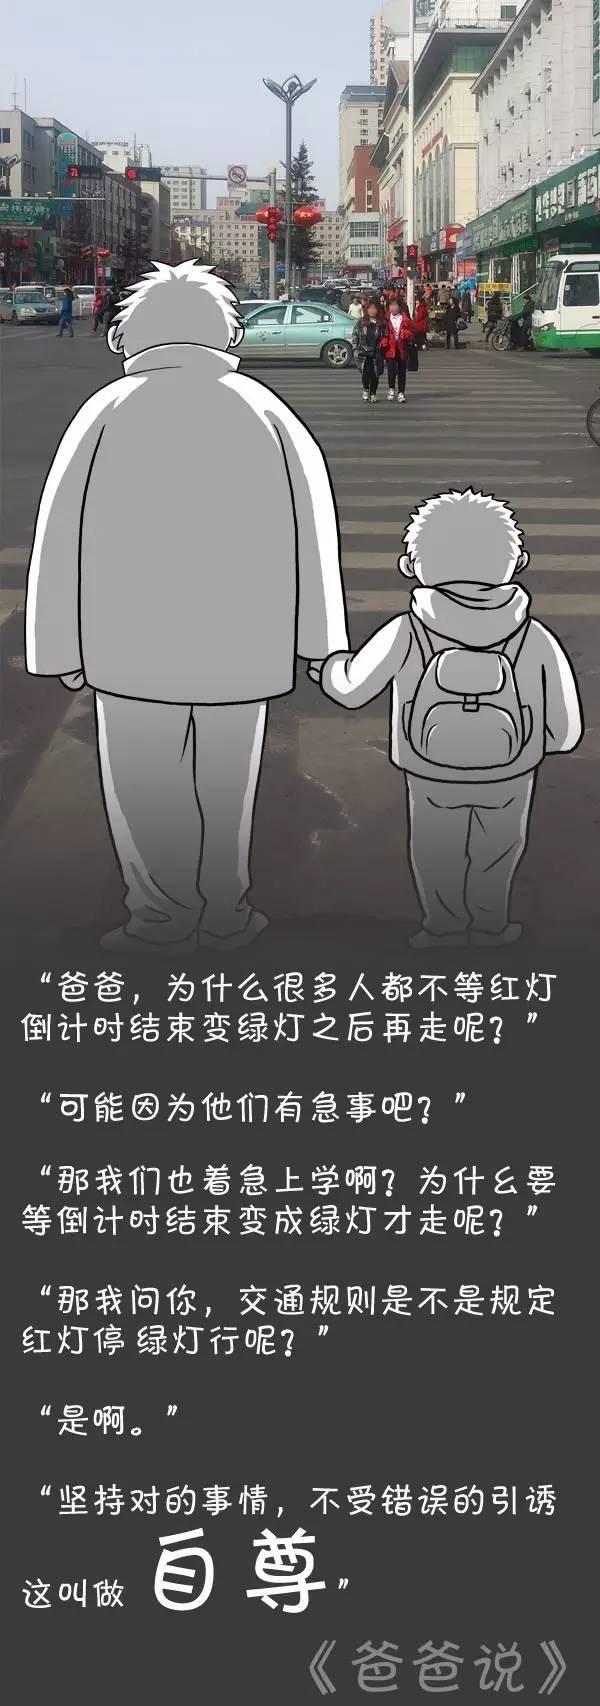 这组父子漫画今天刷爆了朋友圈,值得多读几遍!1